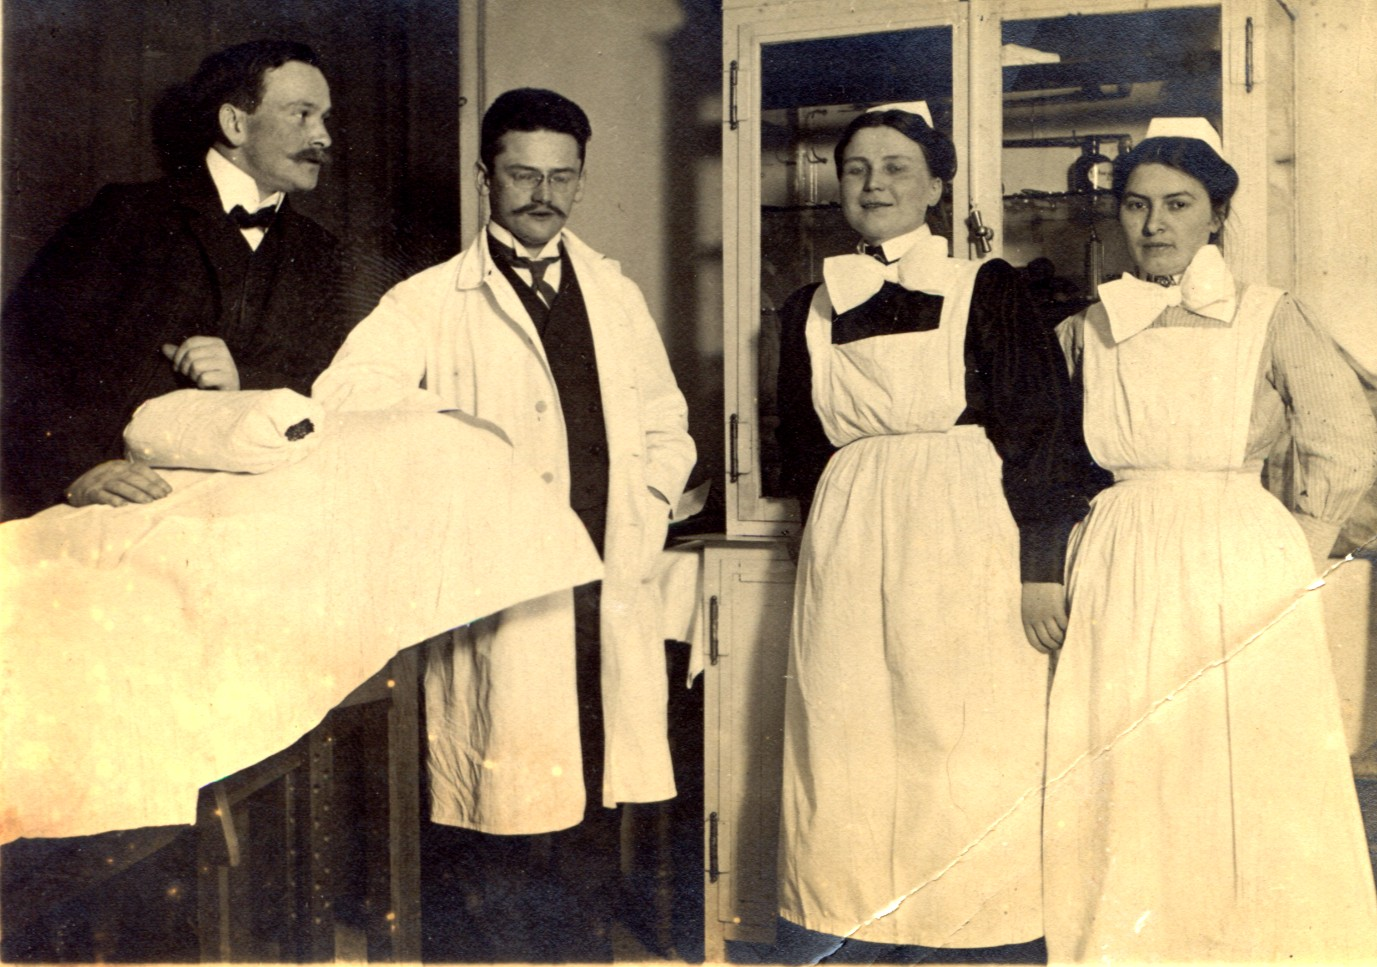 Ernst Simmel, Berlin 1910